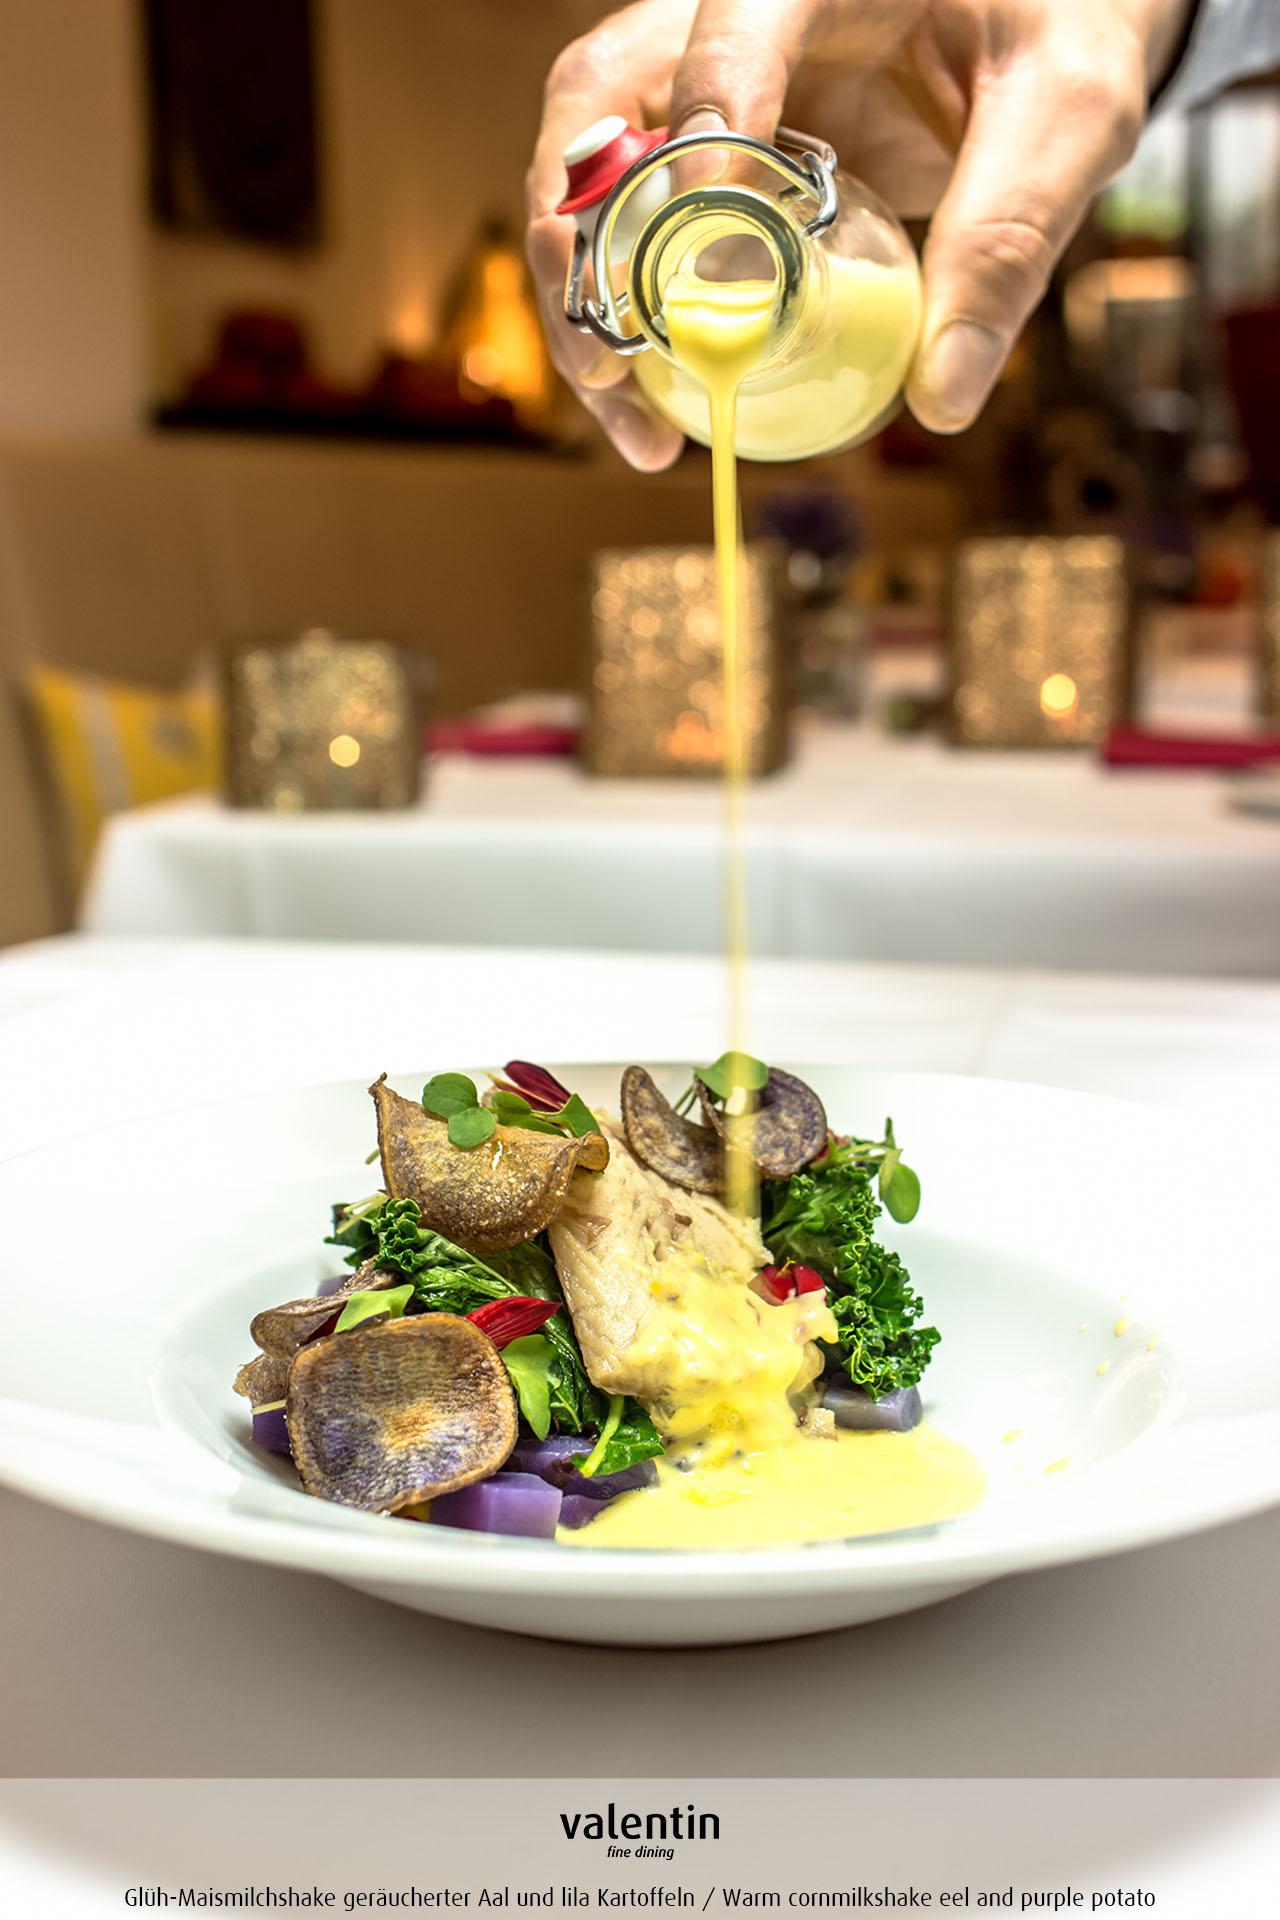 Glüh-Maismilchshake geräucherter Aal und lila Kartoffeln